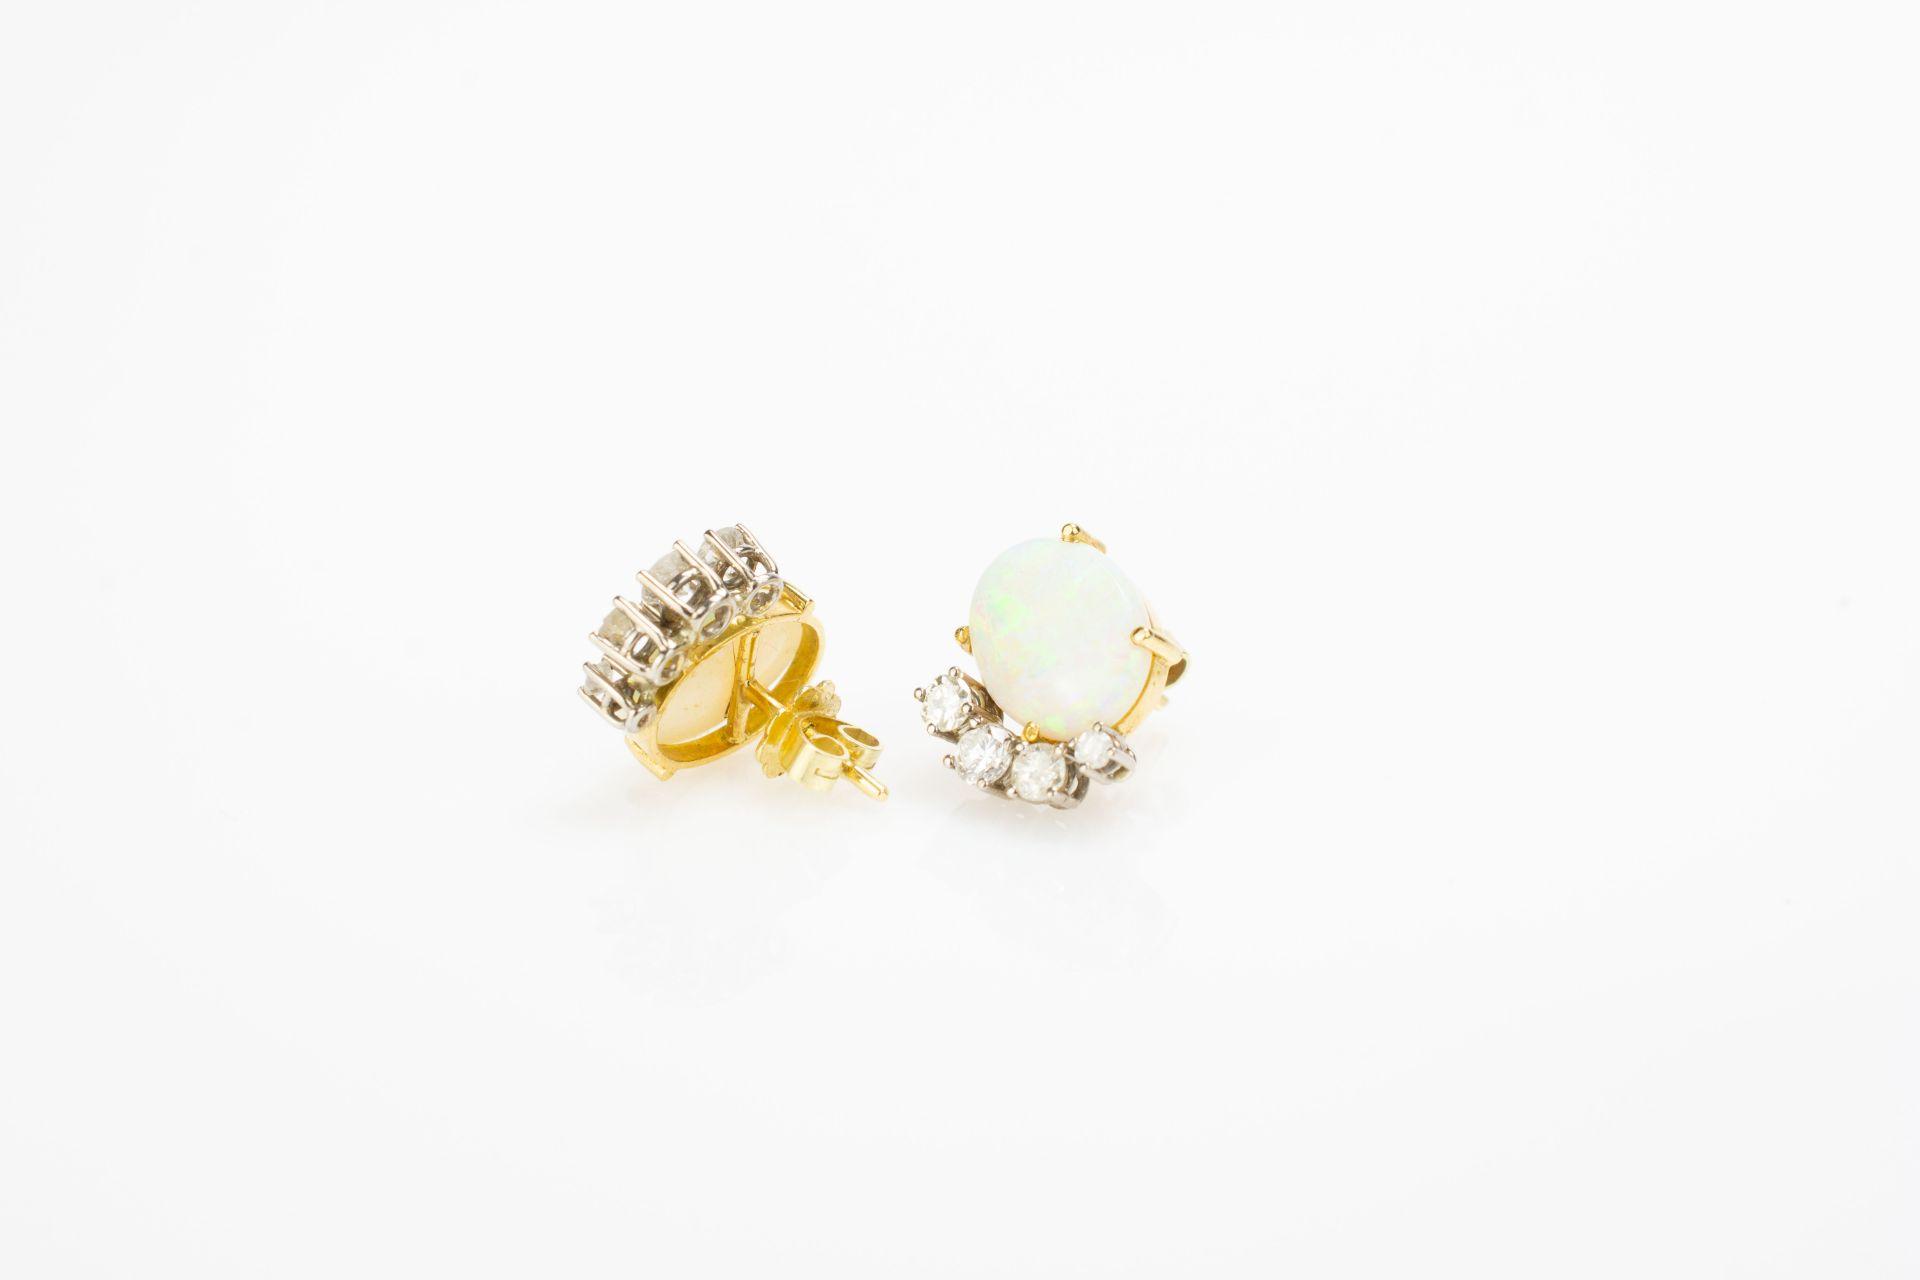 Schmuckset mit Milchopalen und Diamantbesatz - Image 7 of 7